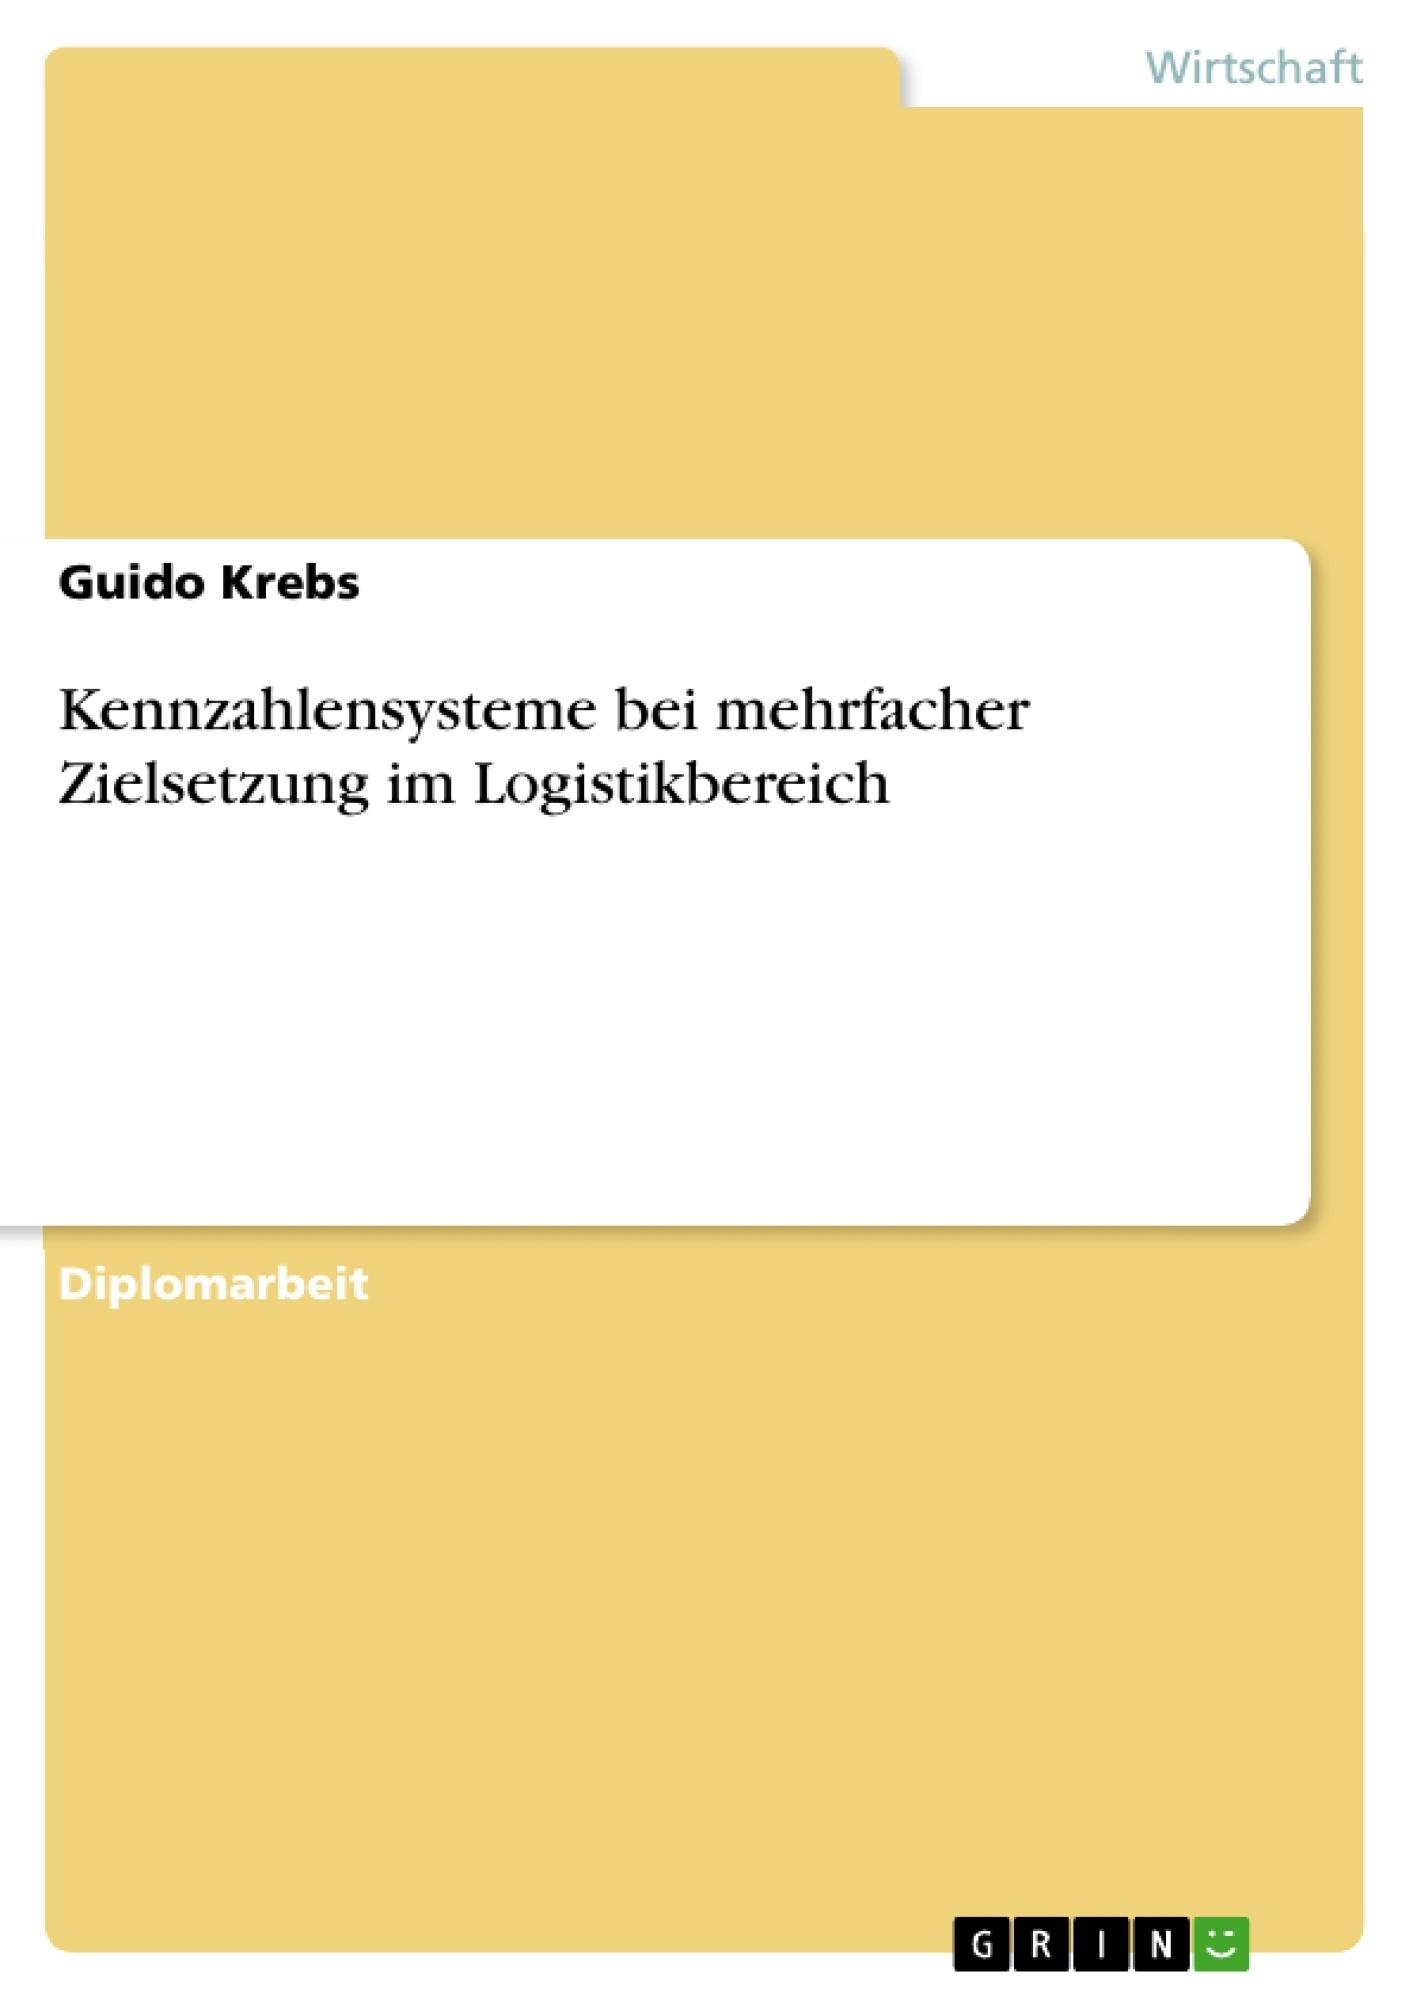 Titel: Kennzahlensysteme bei mehrfacher Zielsetzung im Logistikbereich